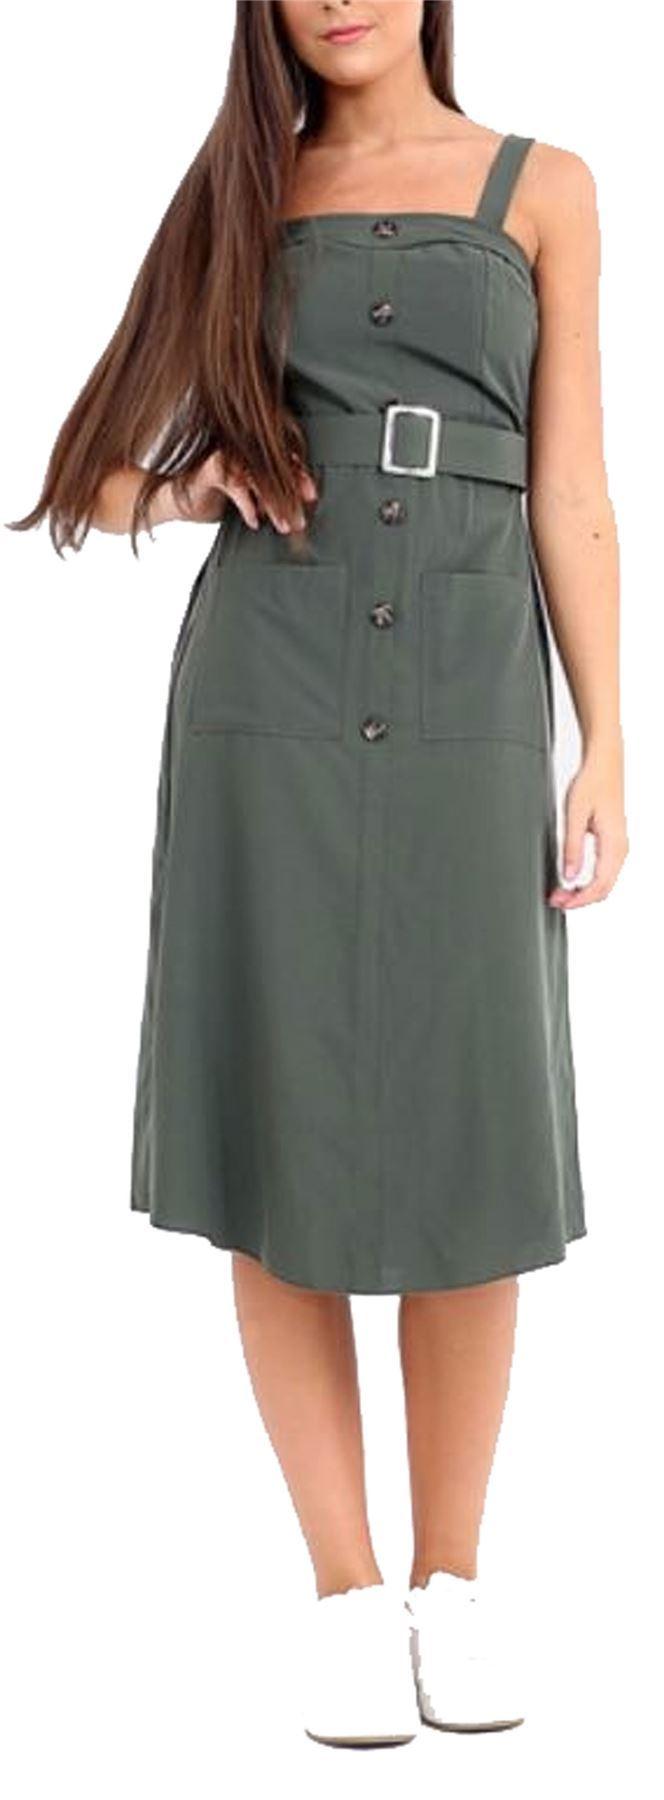 Avec Boucle Ceinture T Avant Bouton Plain Dress Pour Femme Vacances Midi Robe 824d74